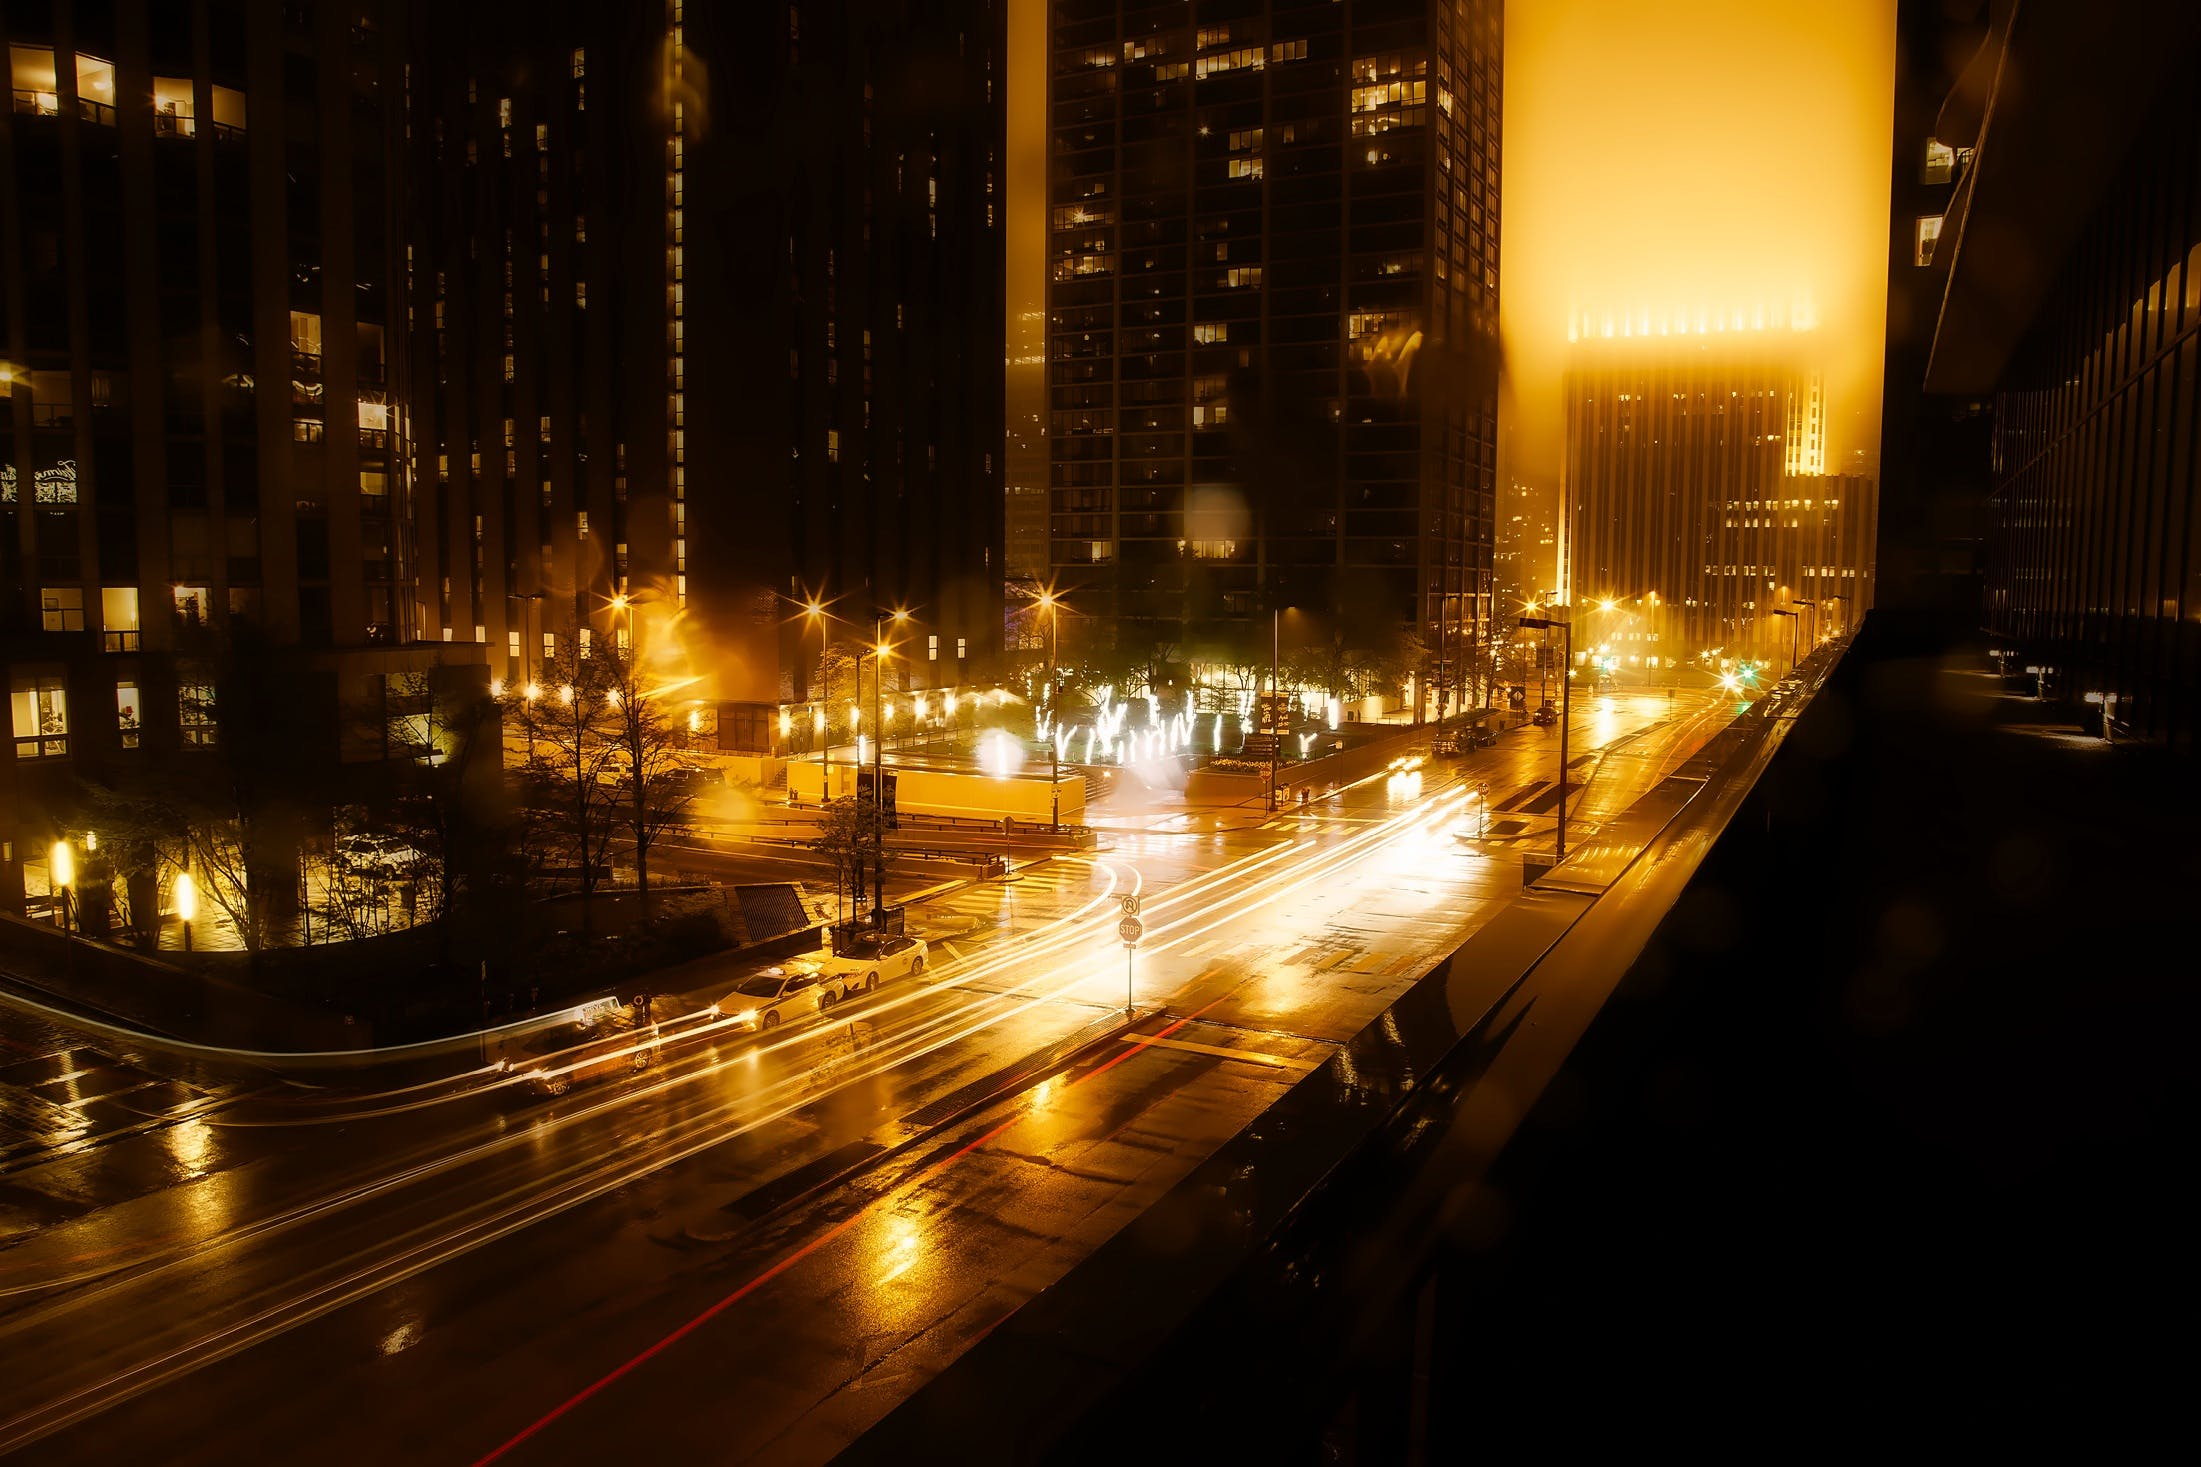 architecture, blur, buildings